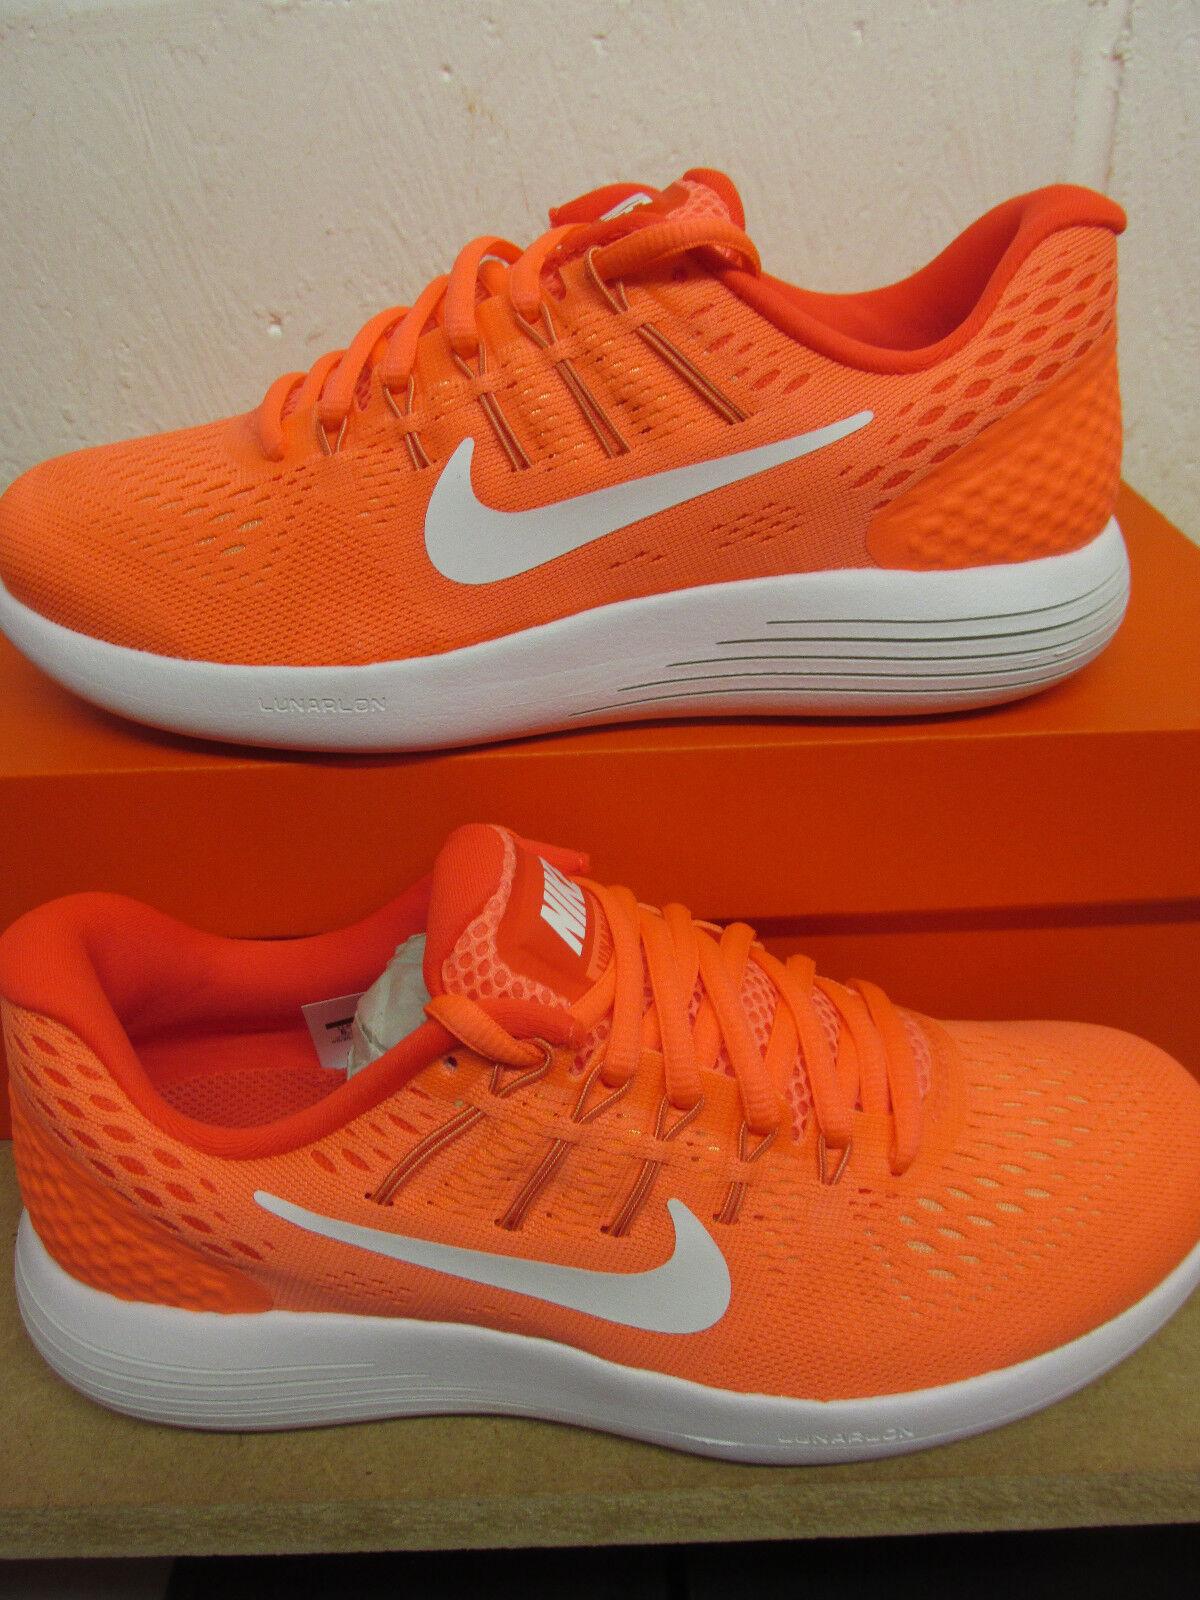 Nike Damen Lunarglide 8 800 Runing Turnschuhe 843726 800 8 Turnschuhe b76341